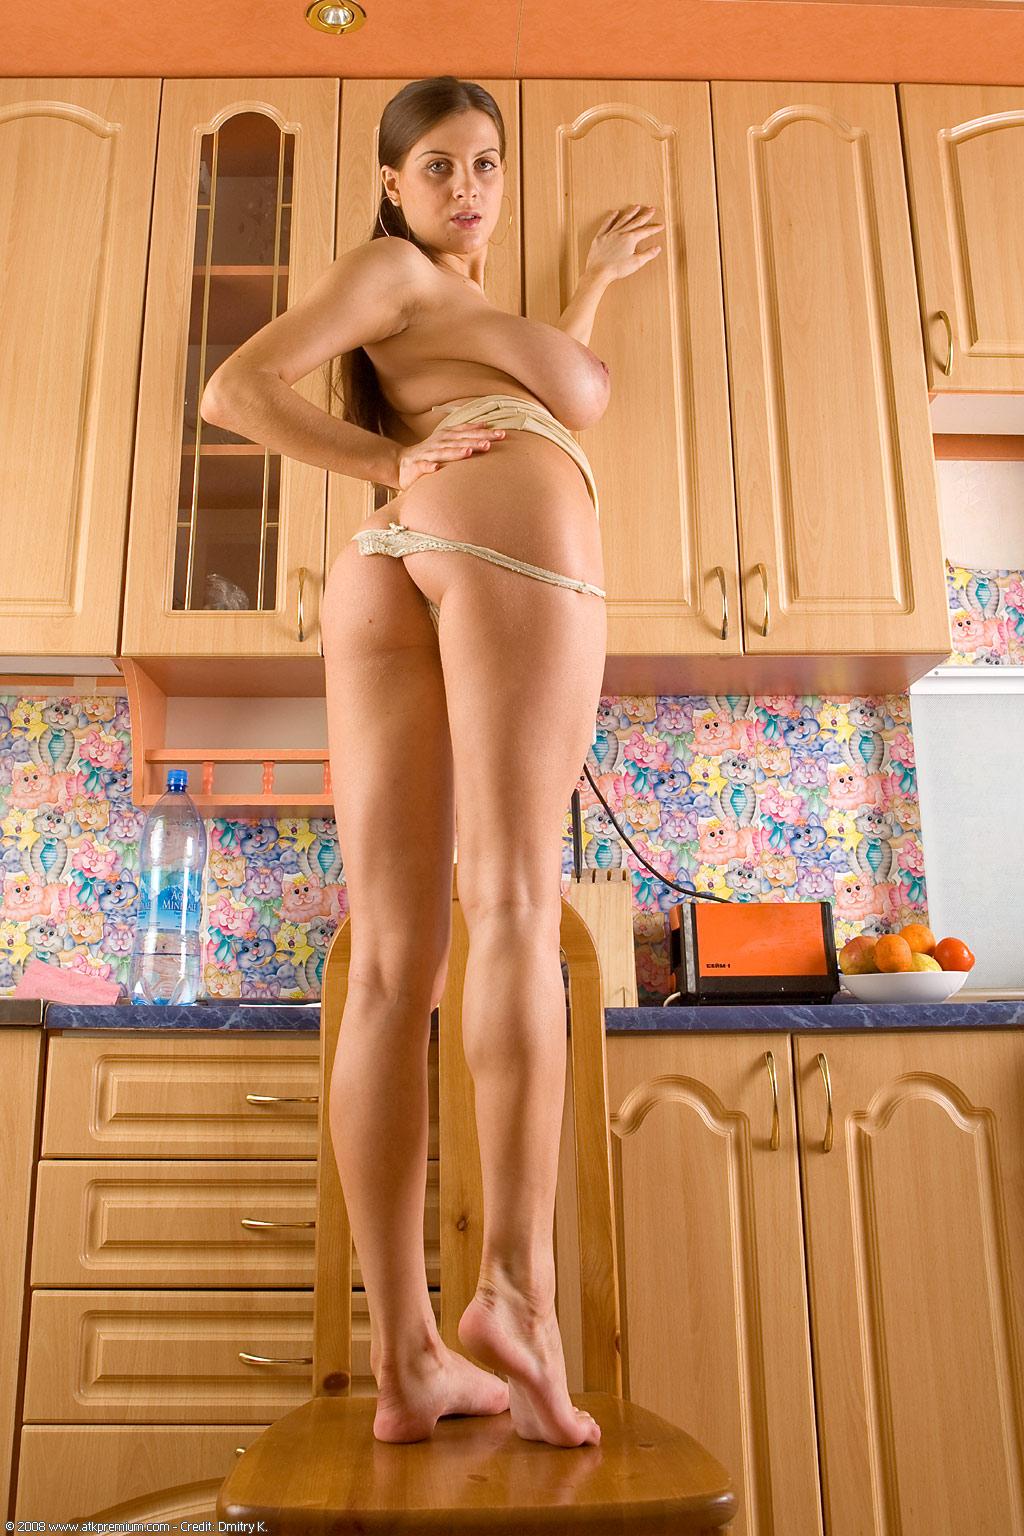 Anastasia en la cocina.Impresionantes tetas narurales.